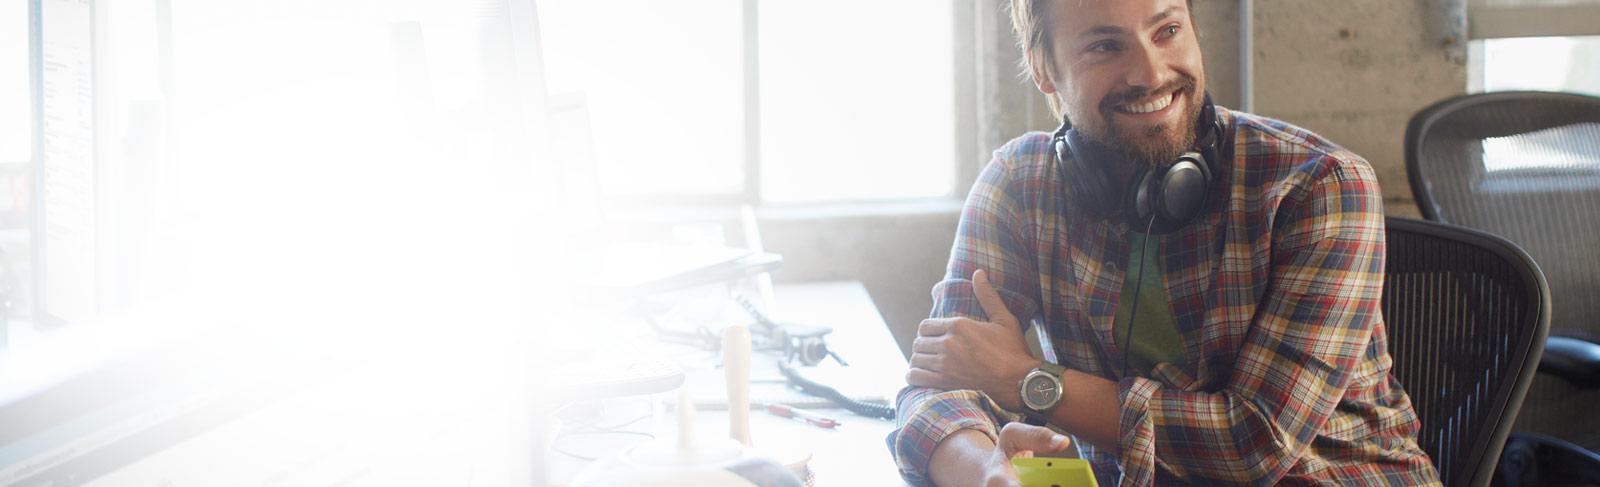 Muž u stolu s telefonem v ruce, na kterém pracuje s Office 365 Enterprise E1.